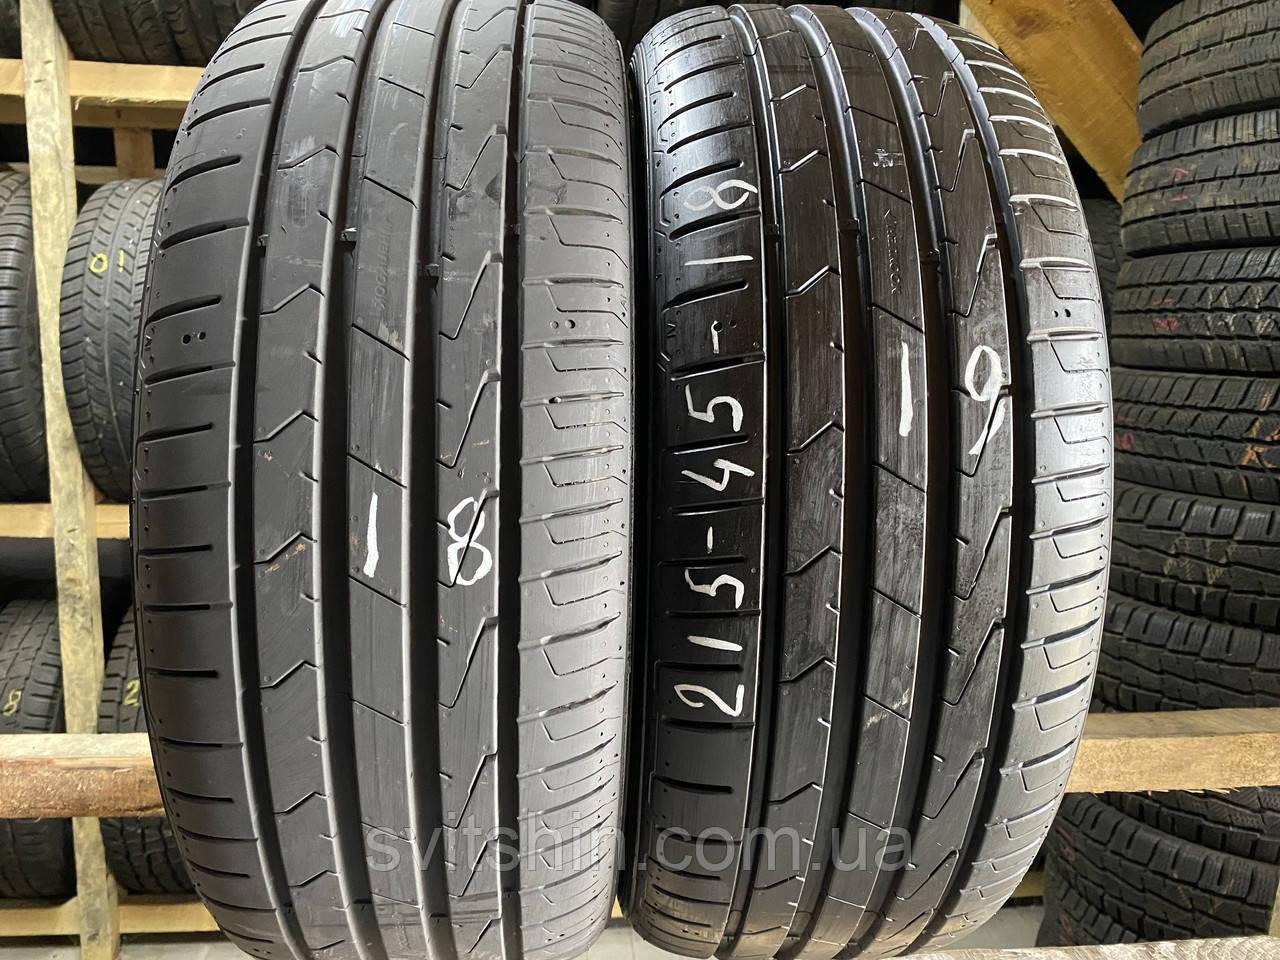 Літні шини 215/45R18 HANKOOK Ventus prime 3 (7+мм) 89V